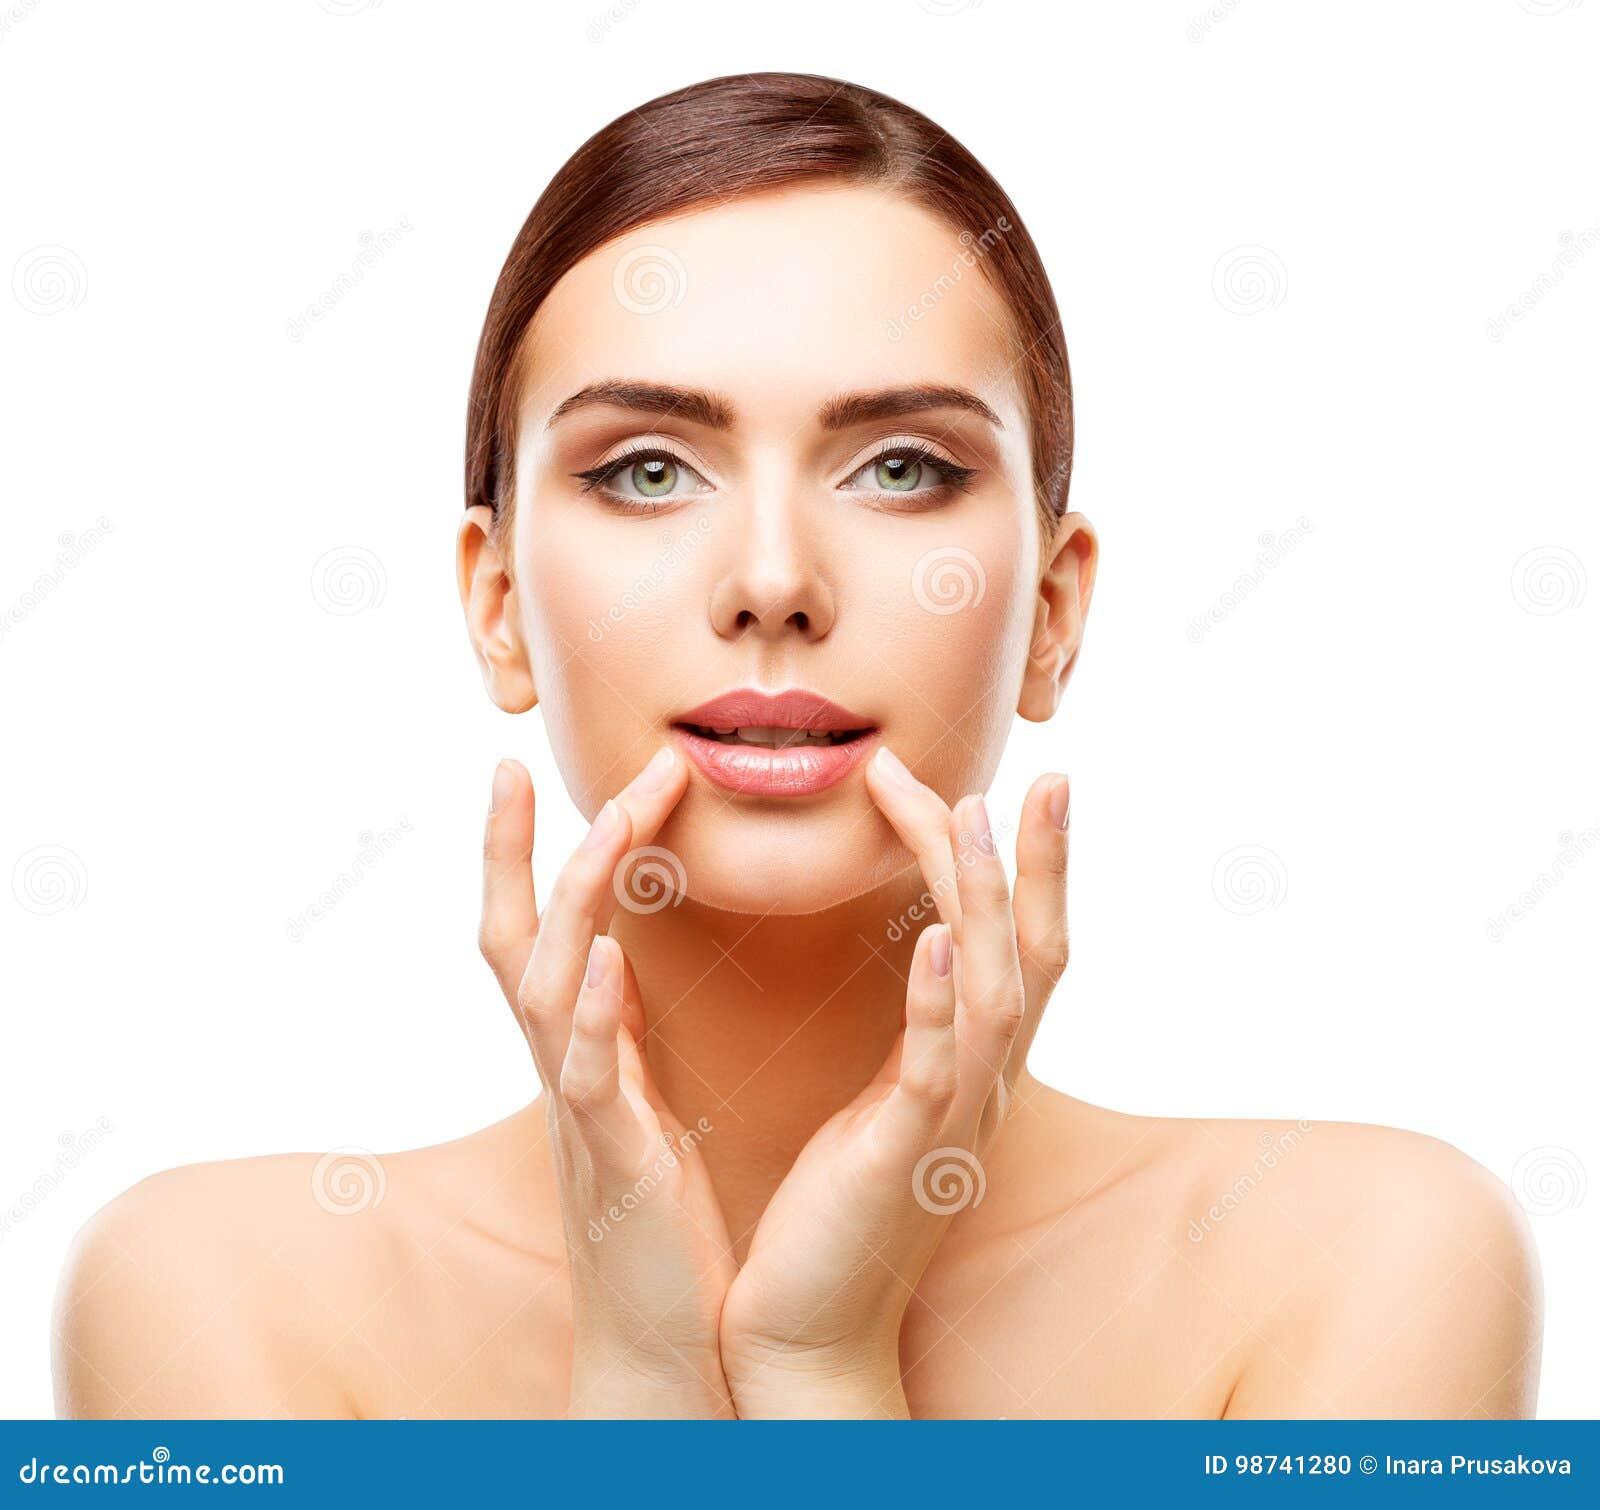 De Schoonheid van vrouwenlippen, de Natuurlijke Make-up van de Gezichtszorg, Meisje wat betreft Mond